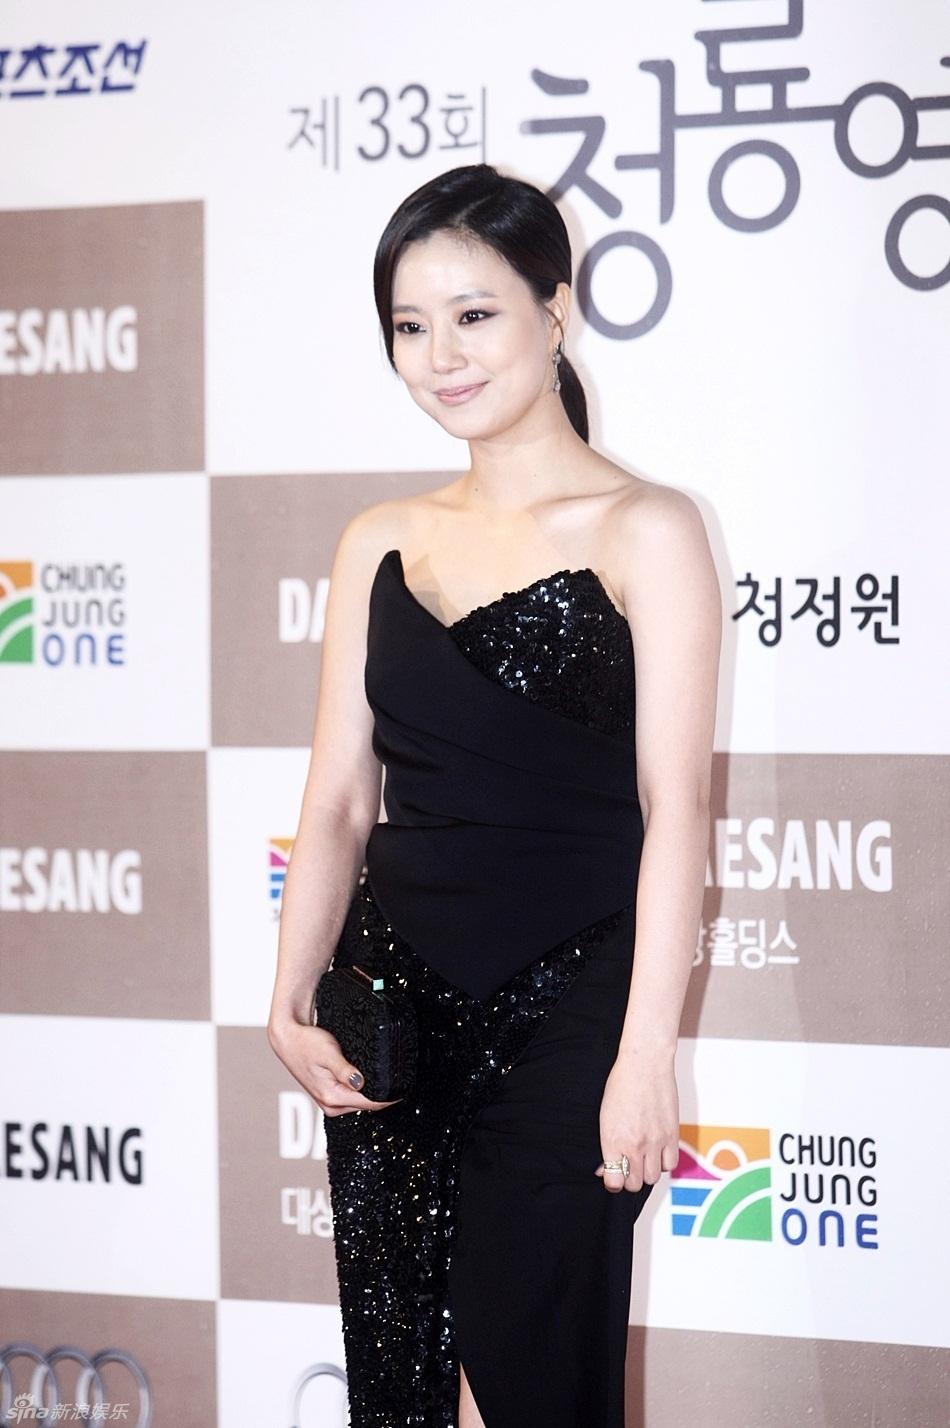 第33届韩国<font color=red>青龙</font>电影奖颁奖礼 <font color=red>红毯</font>实拍众明星